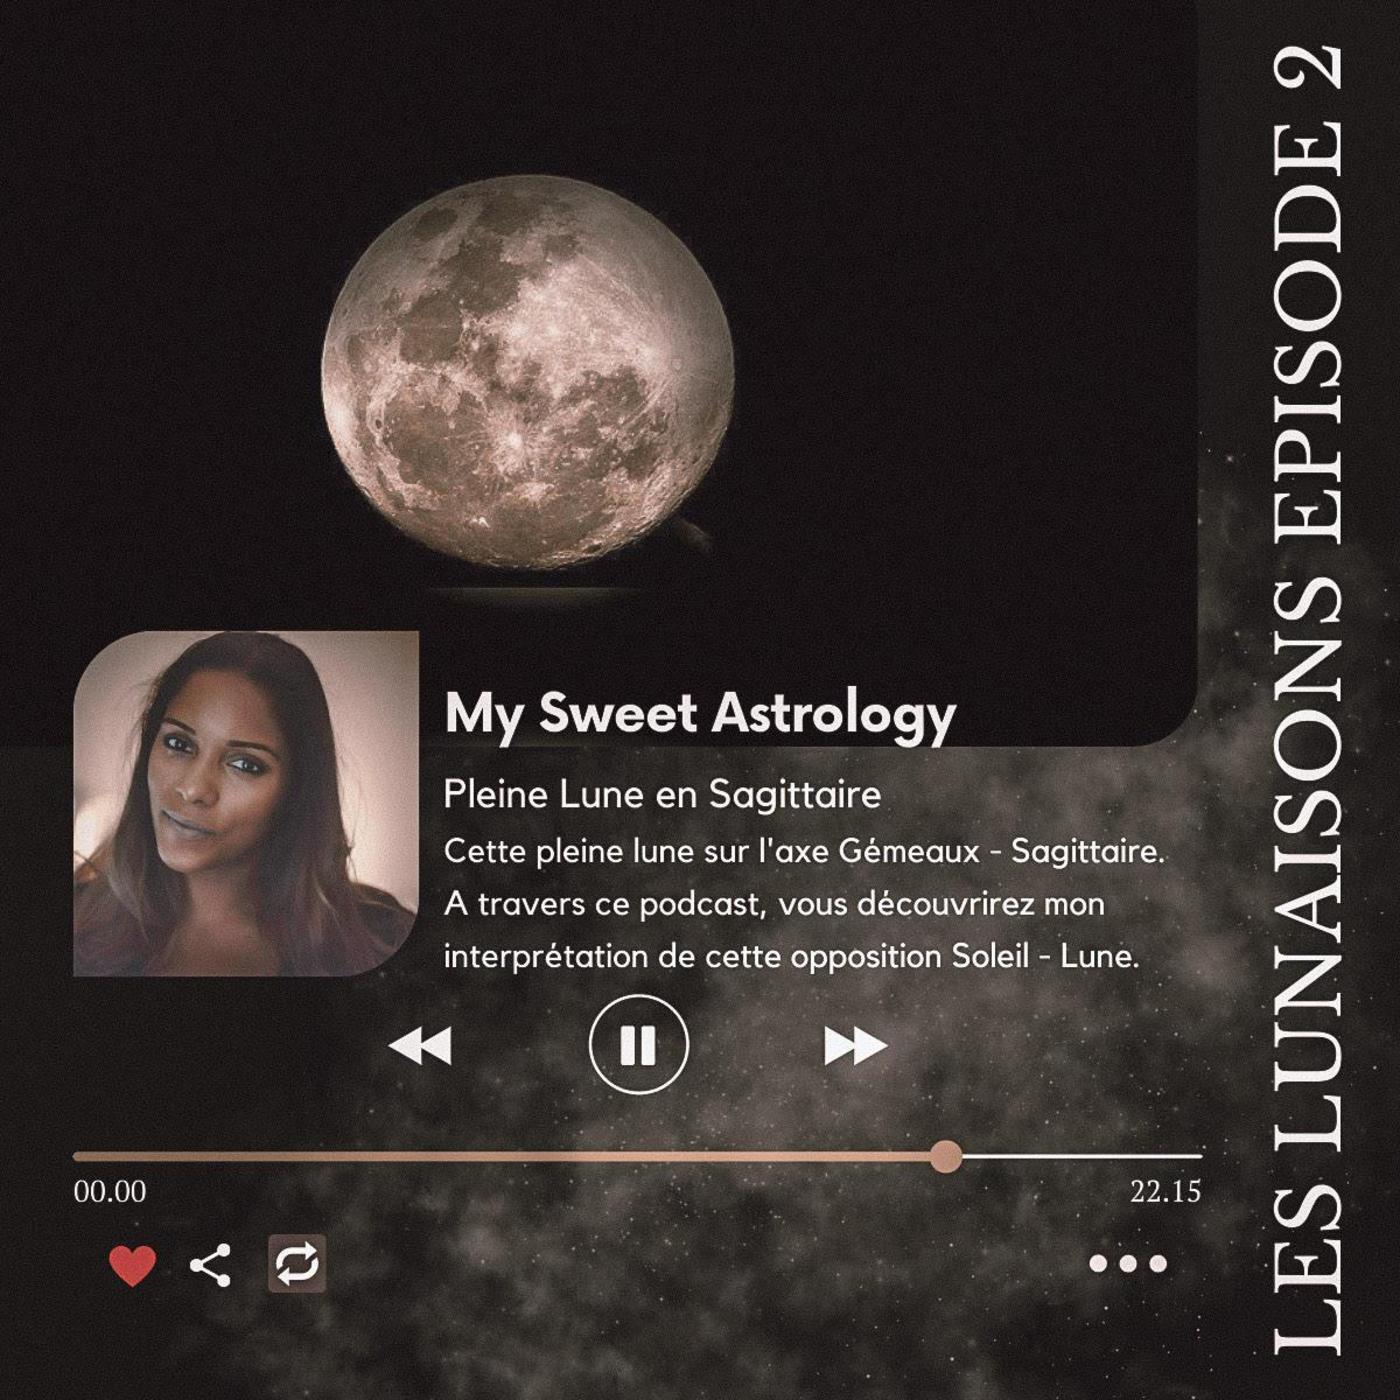 Pleine Lune en Sagittaire